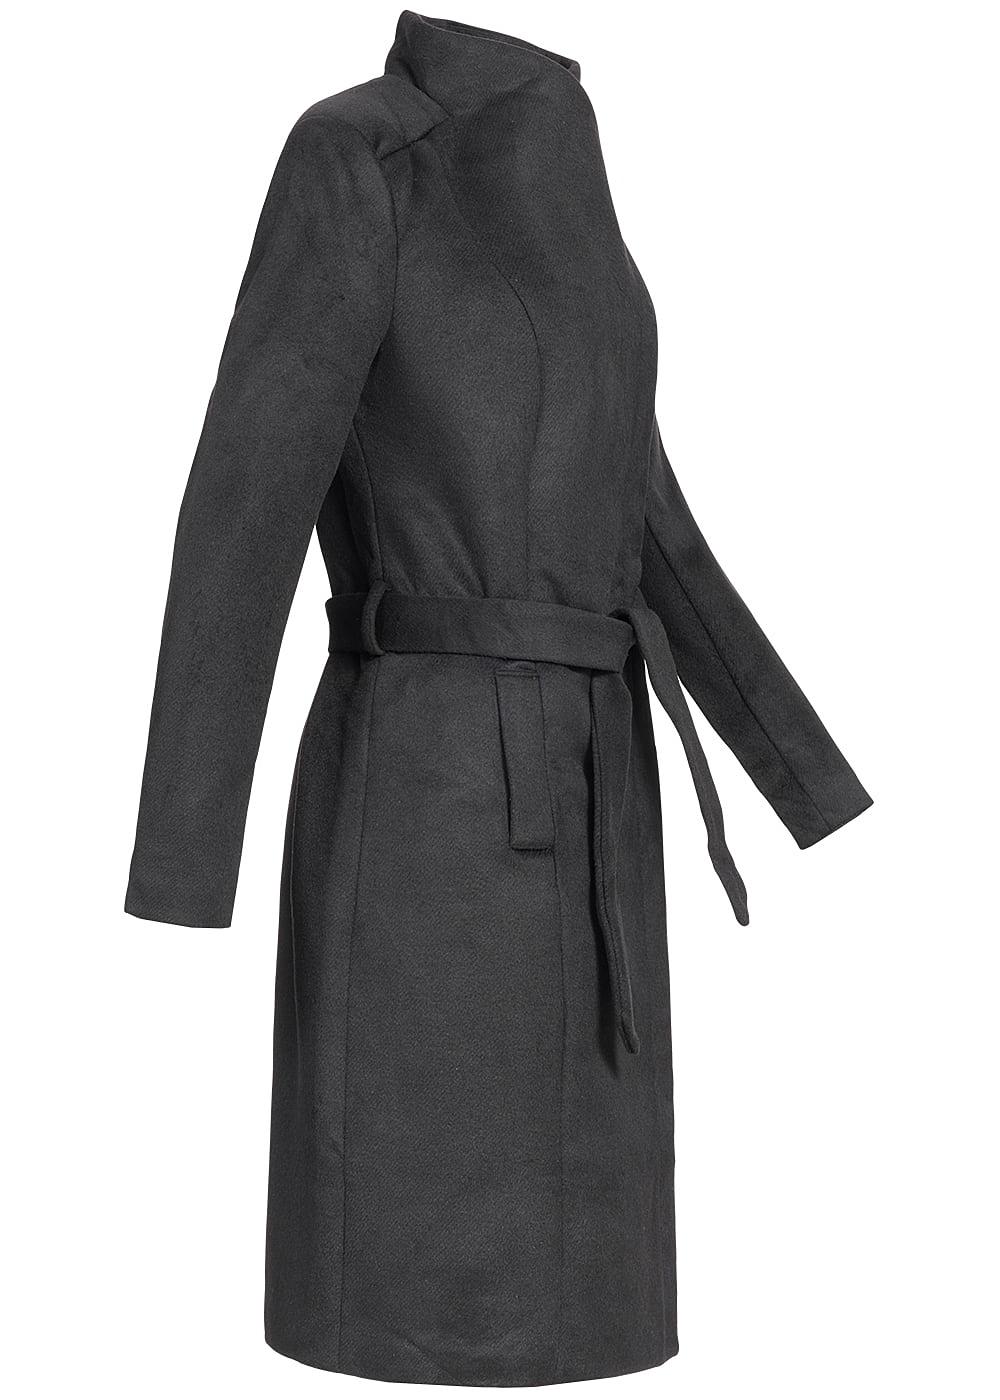 only damen mantel 2 deko taschen vorne g rtel stehkragen. Black Bedroom Furniture Sets. Home Design Ideas